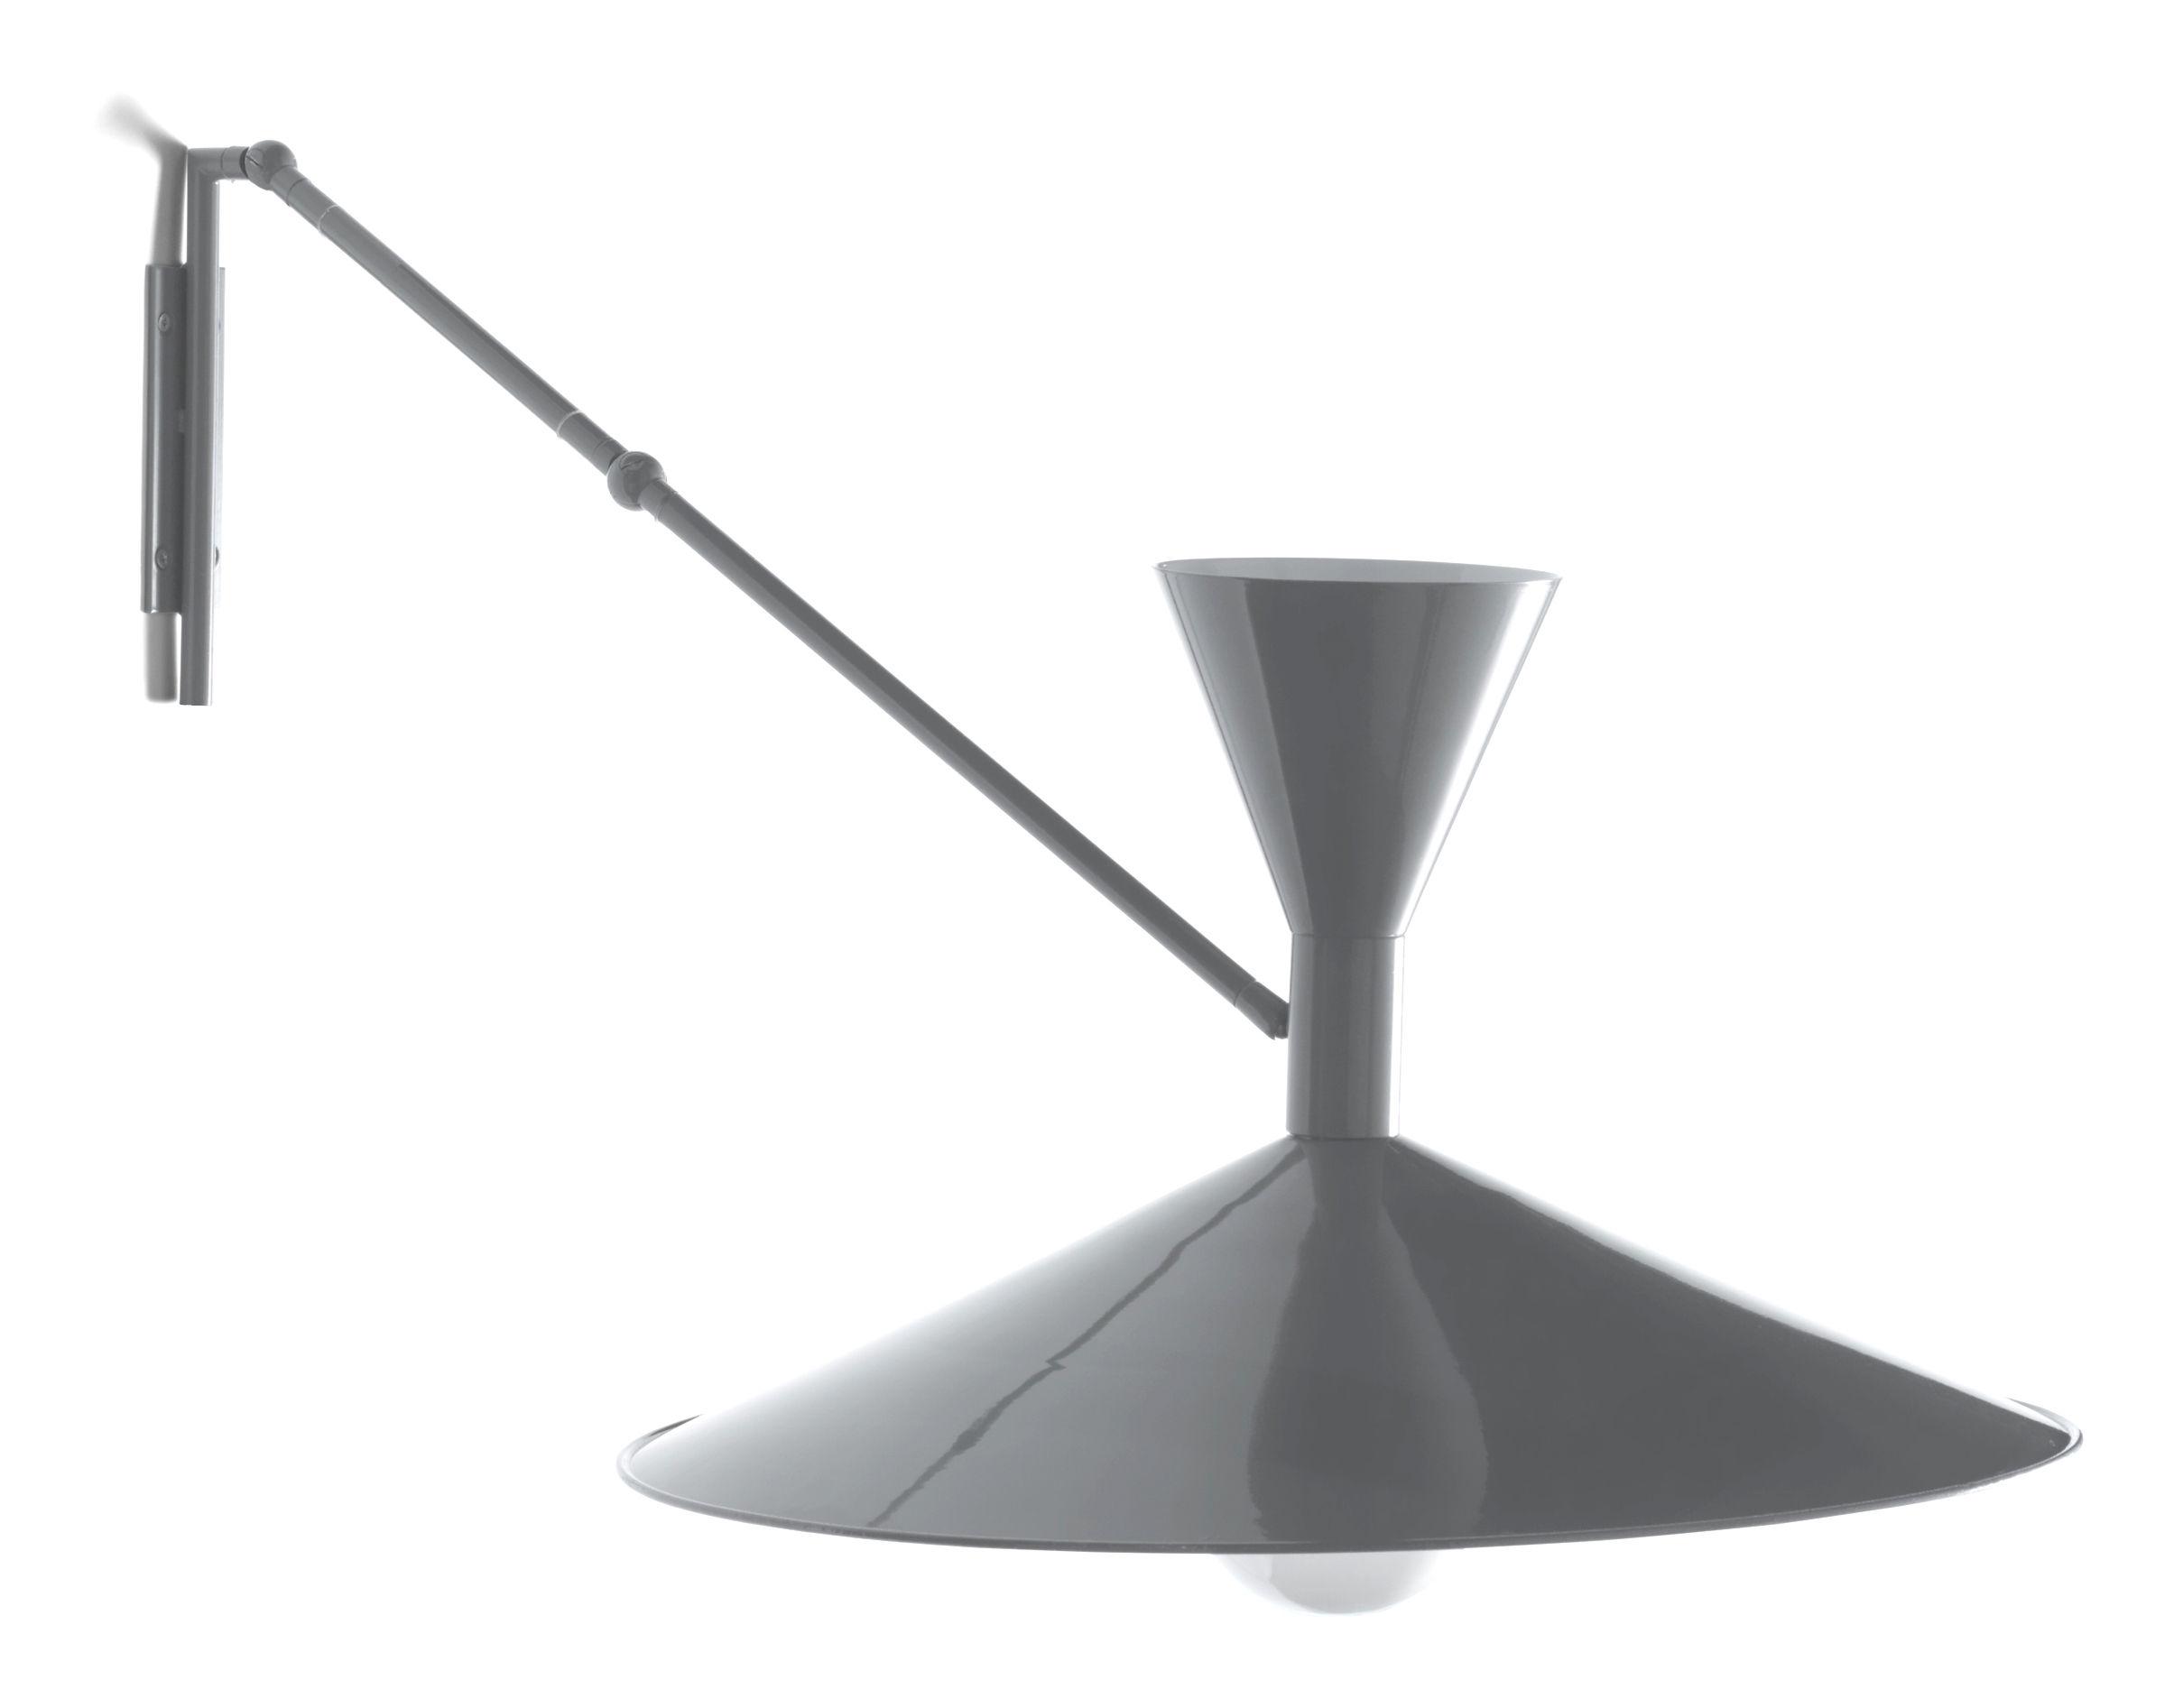 Leuchten - Wandleuchten - Lampe de Marseille Wandleuchte mit Stromkabel von Le Corbusier - Neuauflage des Originals von 1954 - Nemo - Grau, matt / Innenseite weiß, glänzend - Metall